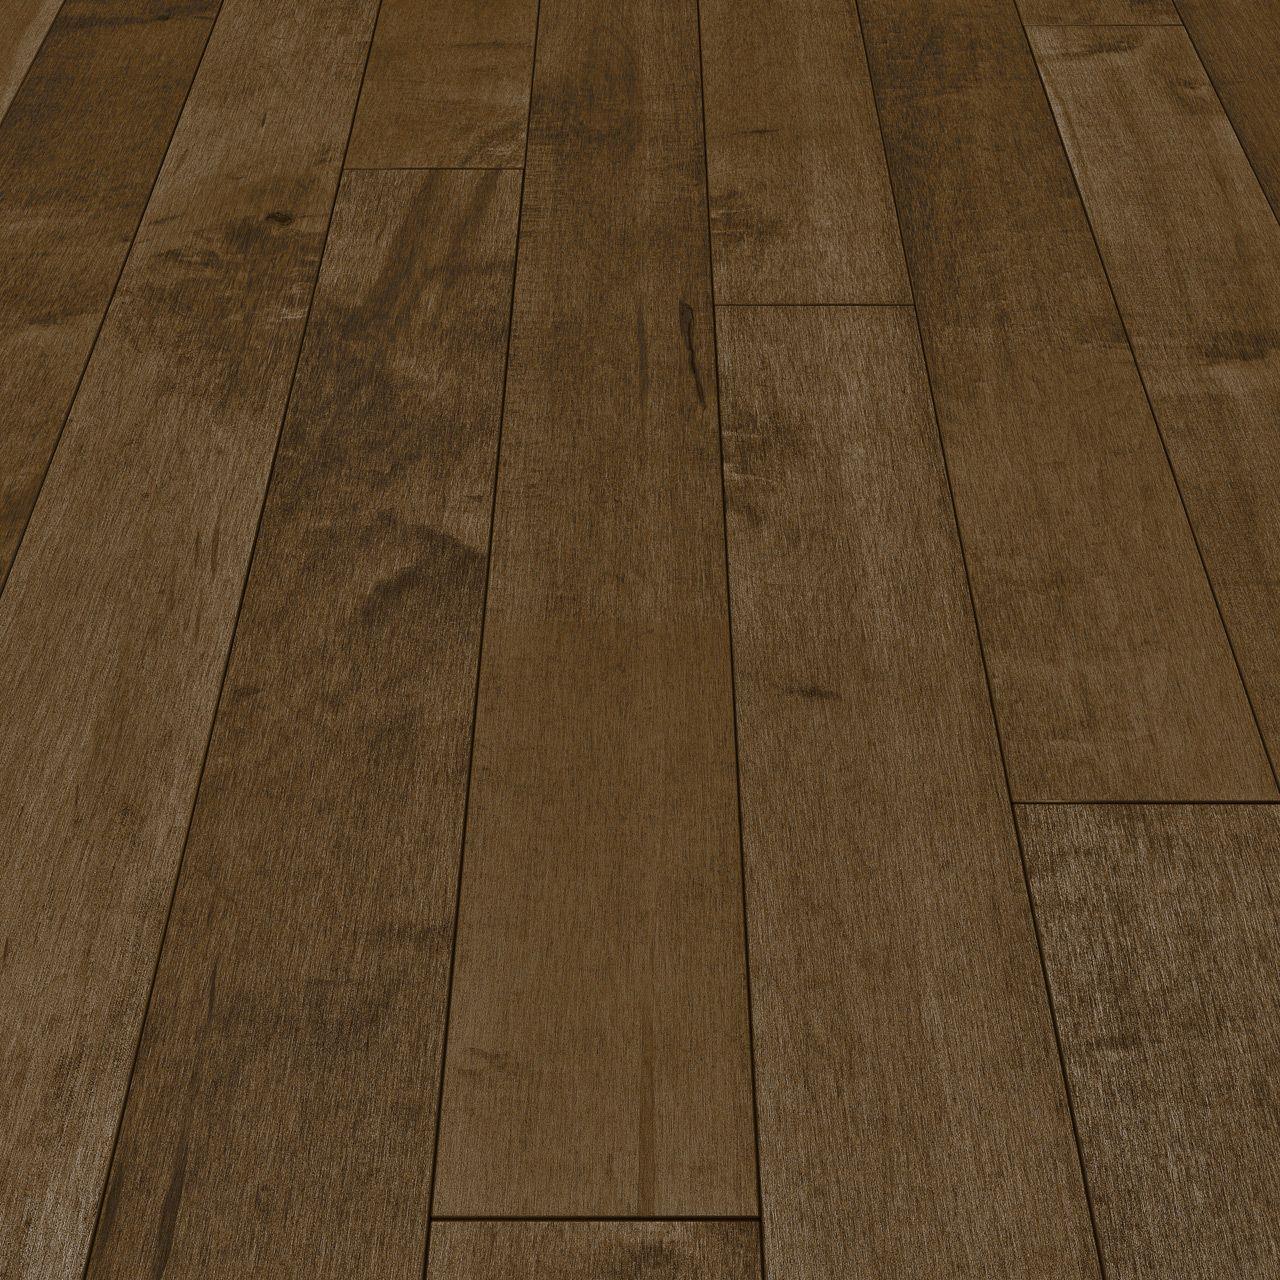 hard maple, truffe, oiled hardwood flooring | Preverco ...